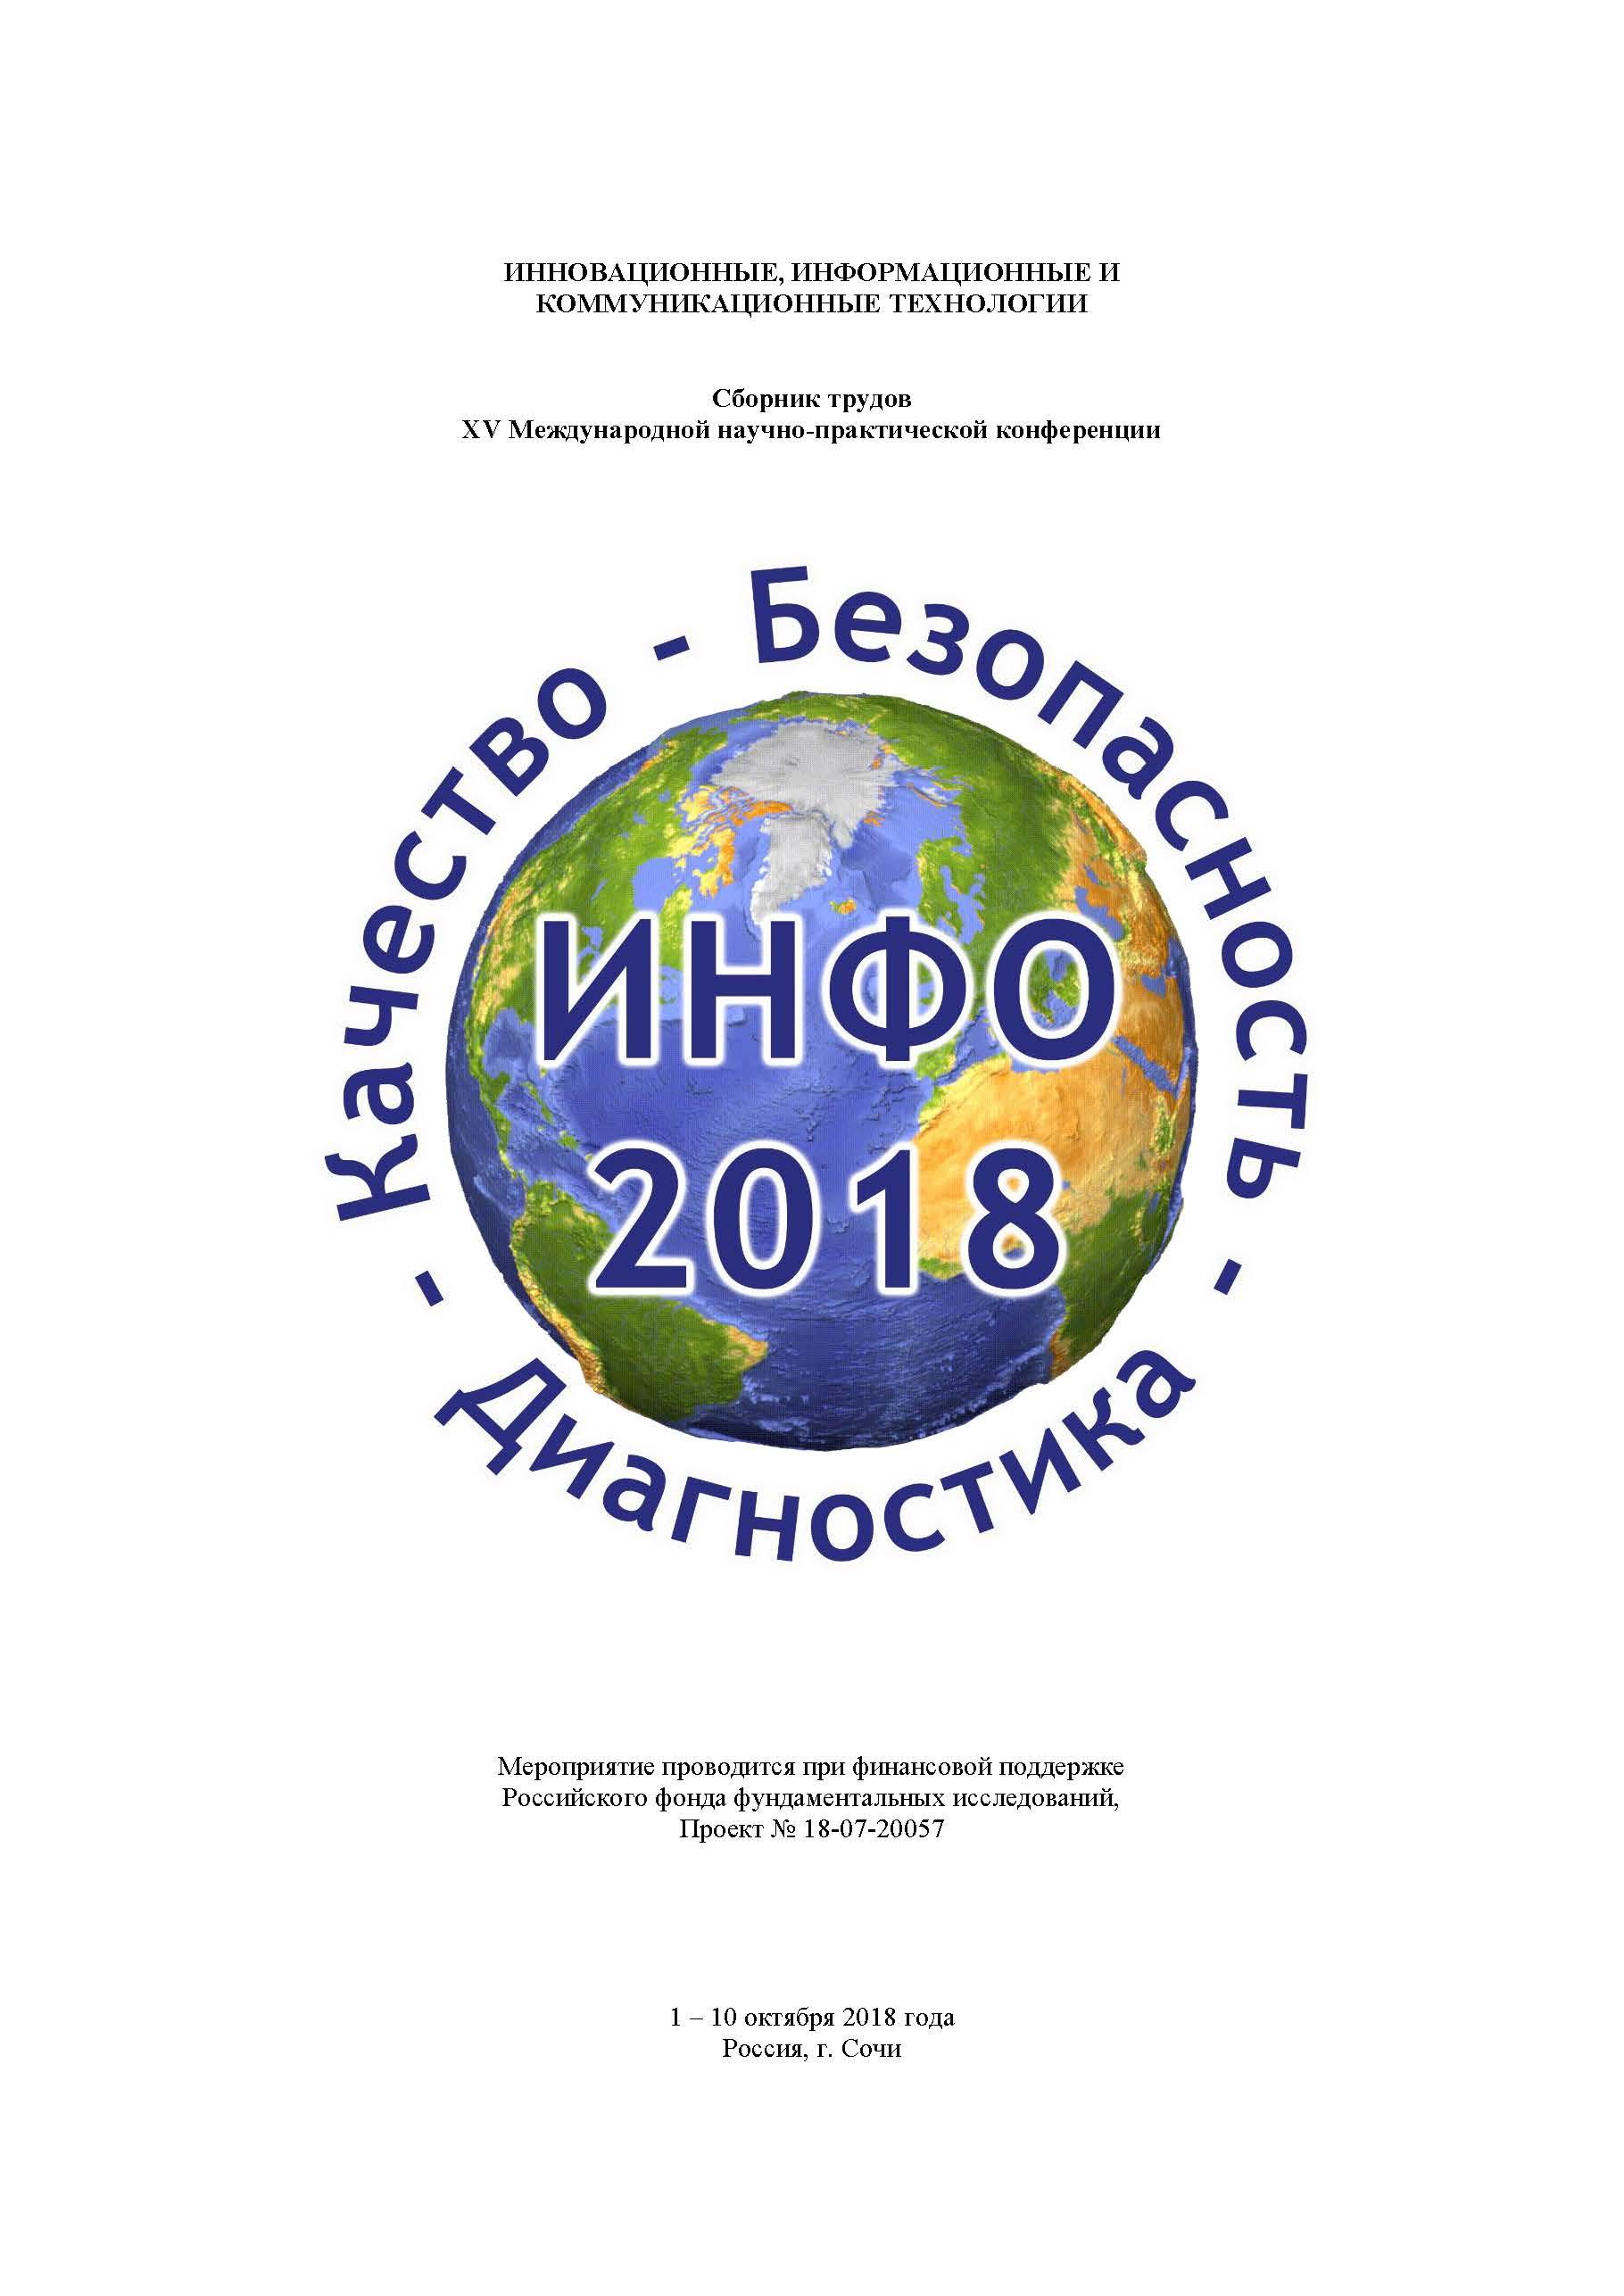 Инновационные, информационные и коммуникационные технологии: сборник трудов XV Международной научно-практической конференции